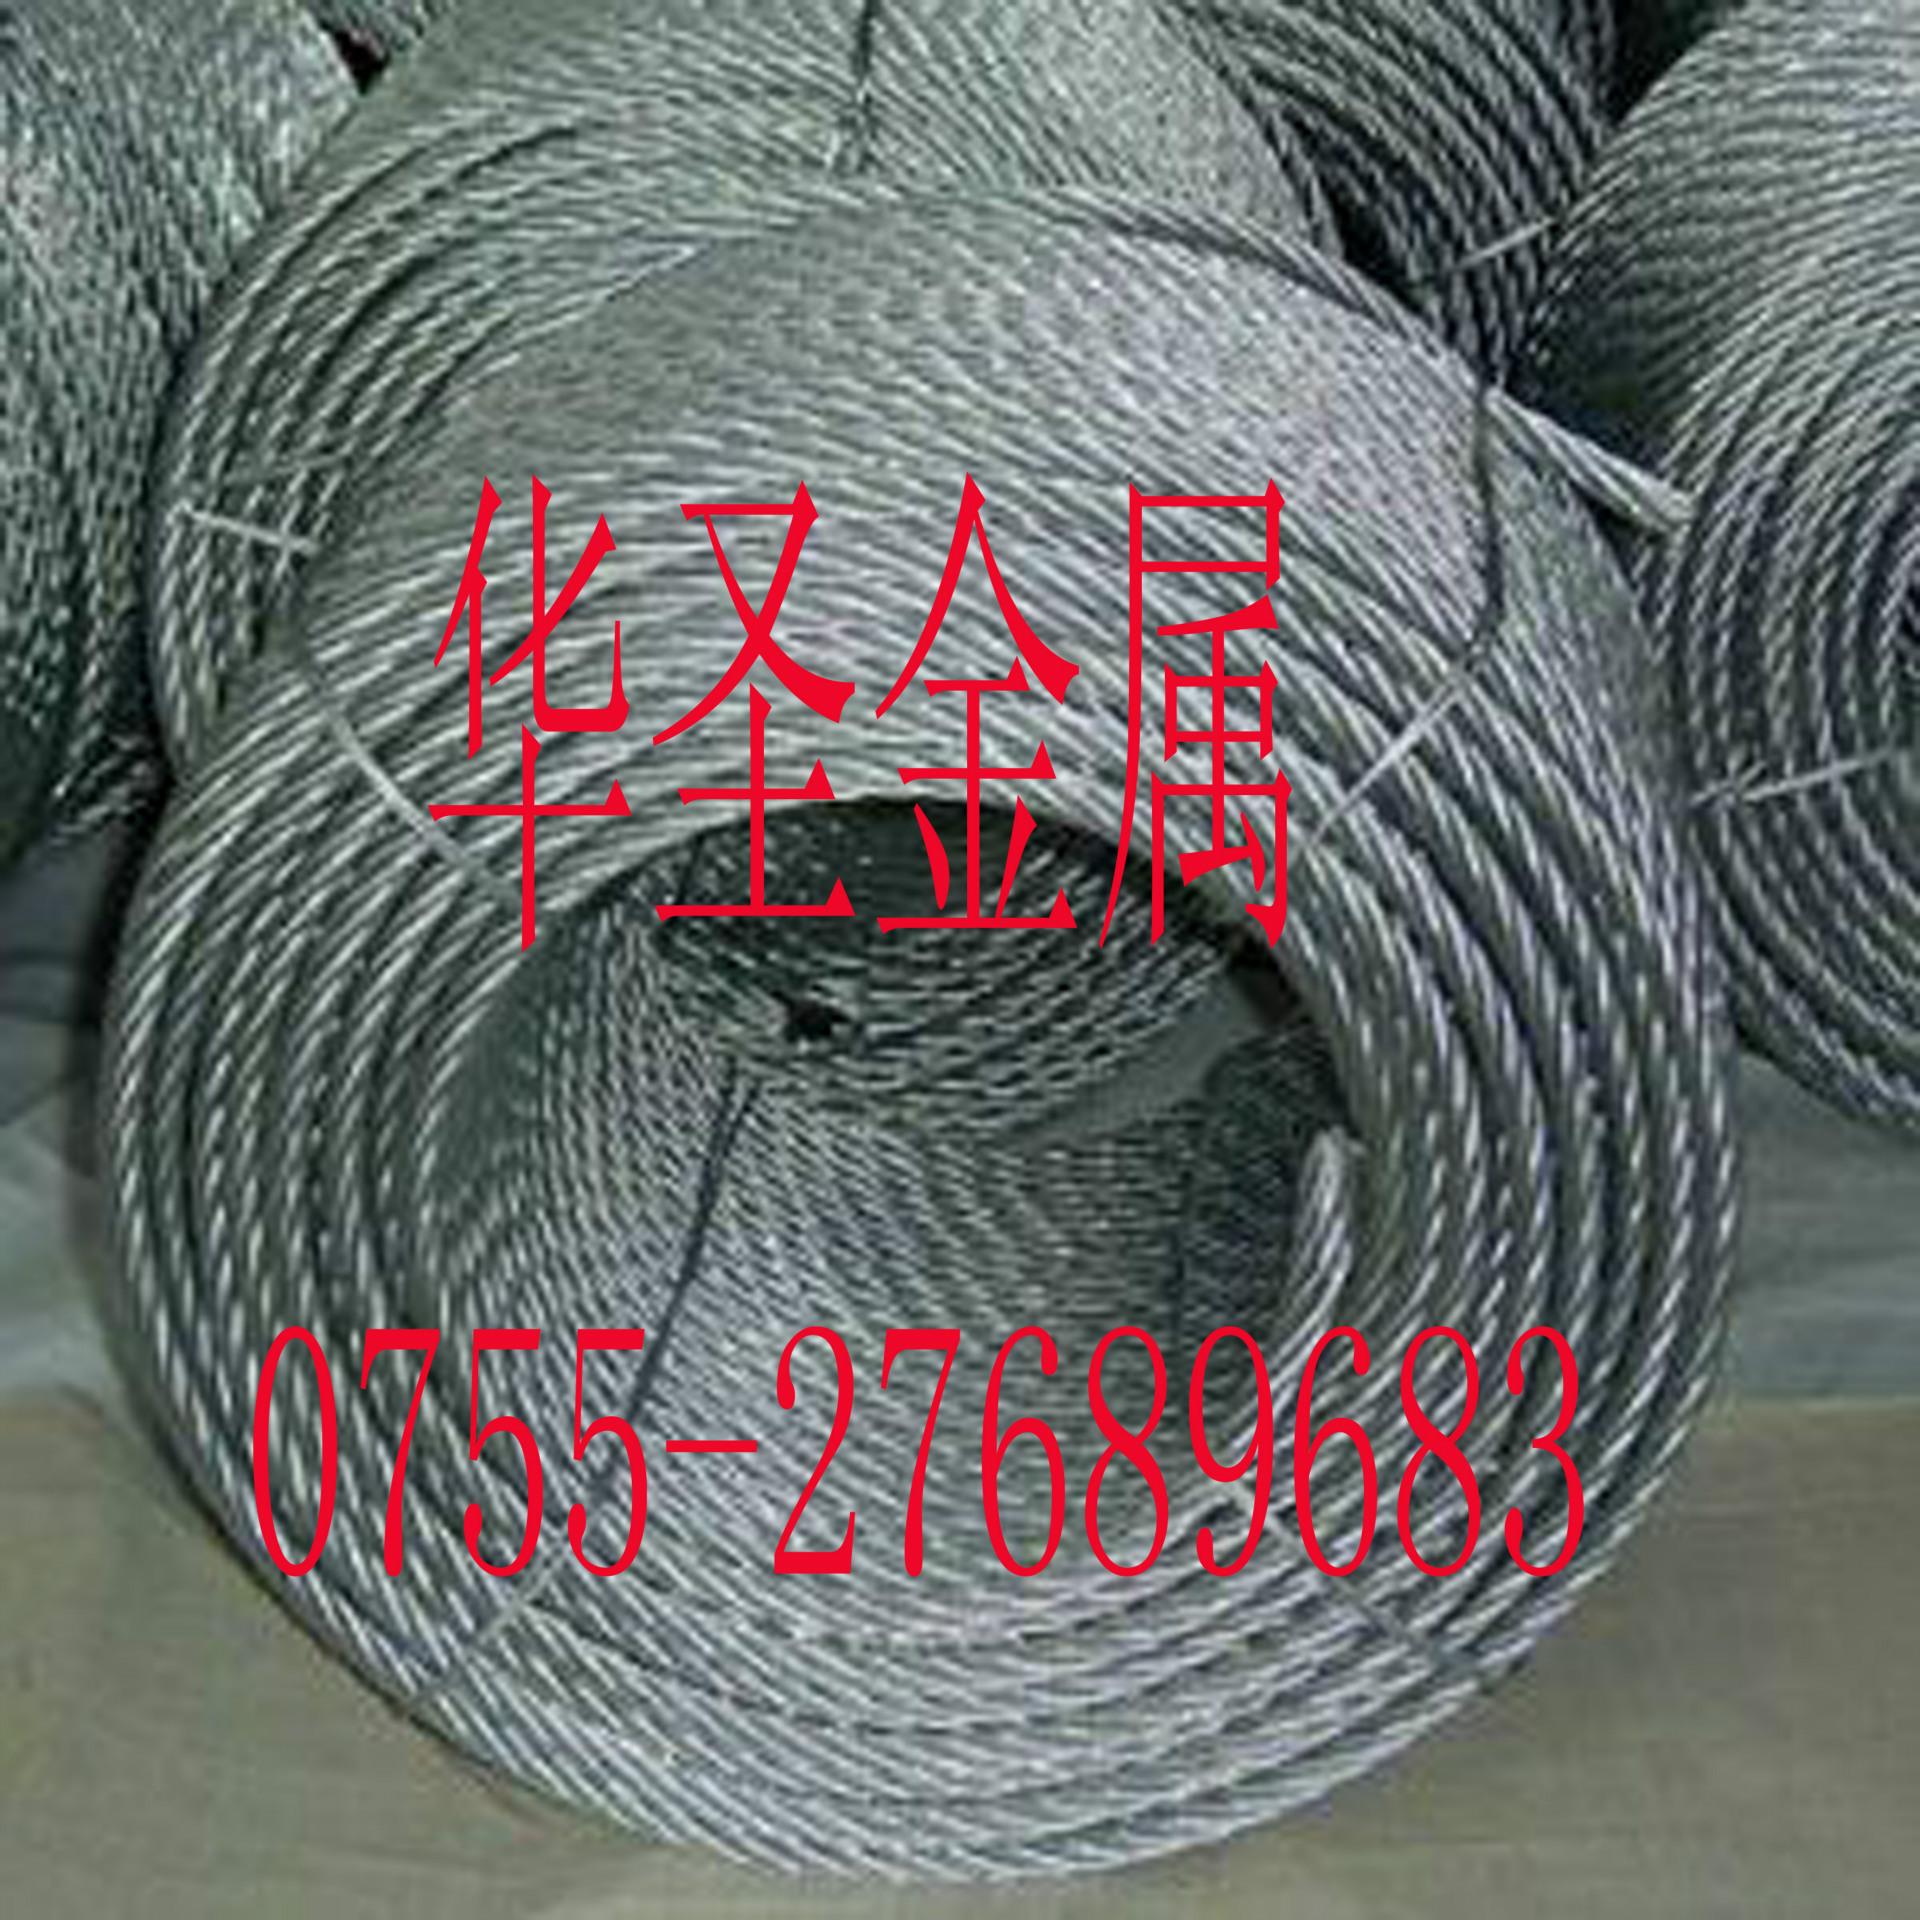 供应日本304不锈钢丝绳(1*7,7*7,7*19),索具配件,锁具加工